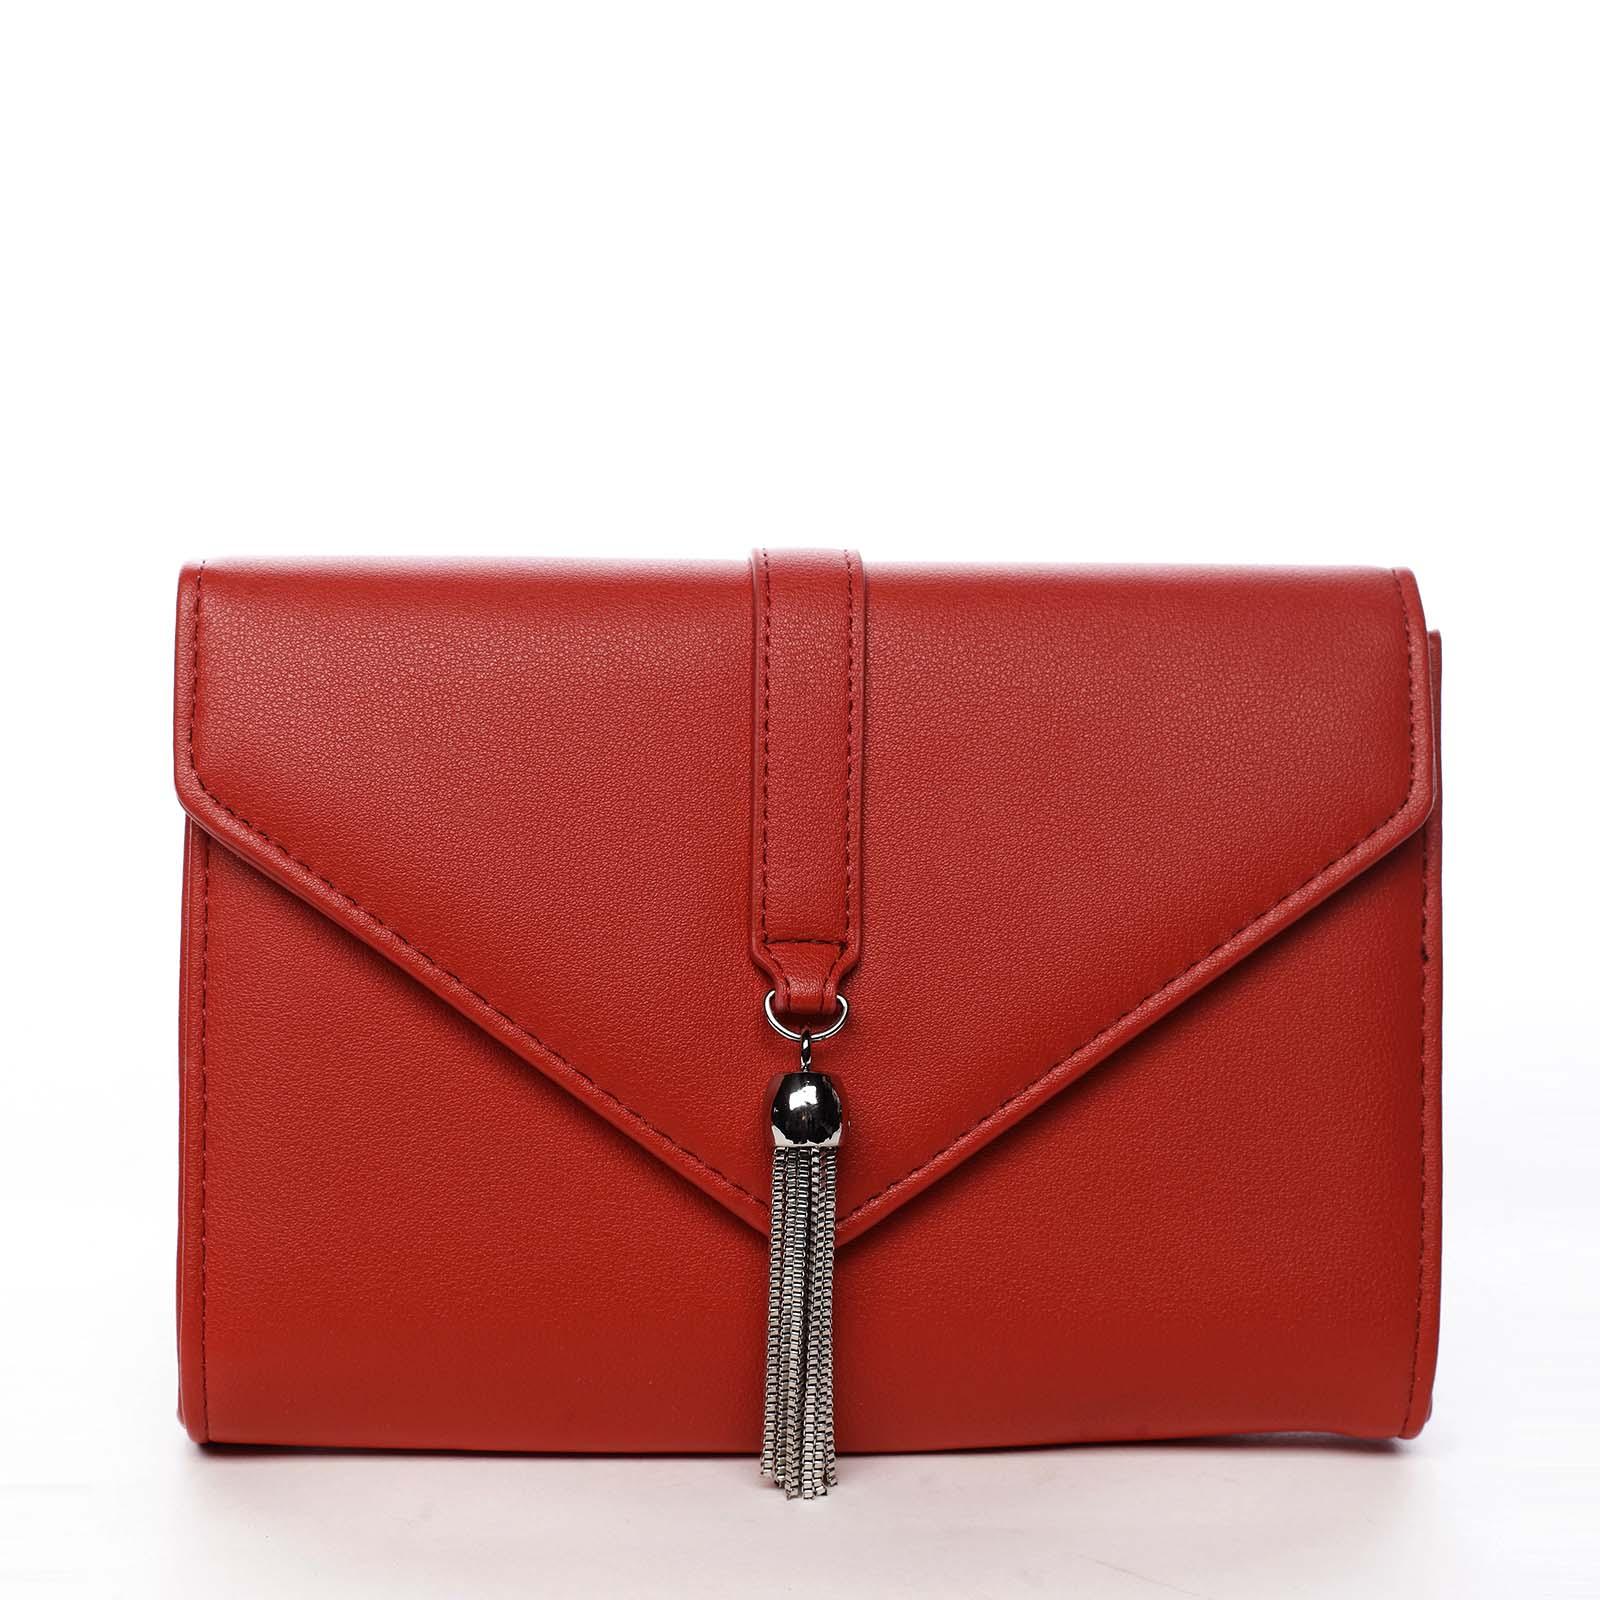 Dámska listová kabelka červená - Michelle Moon F850